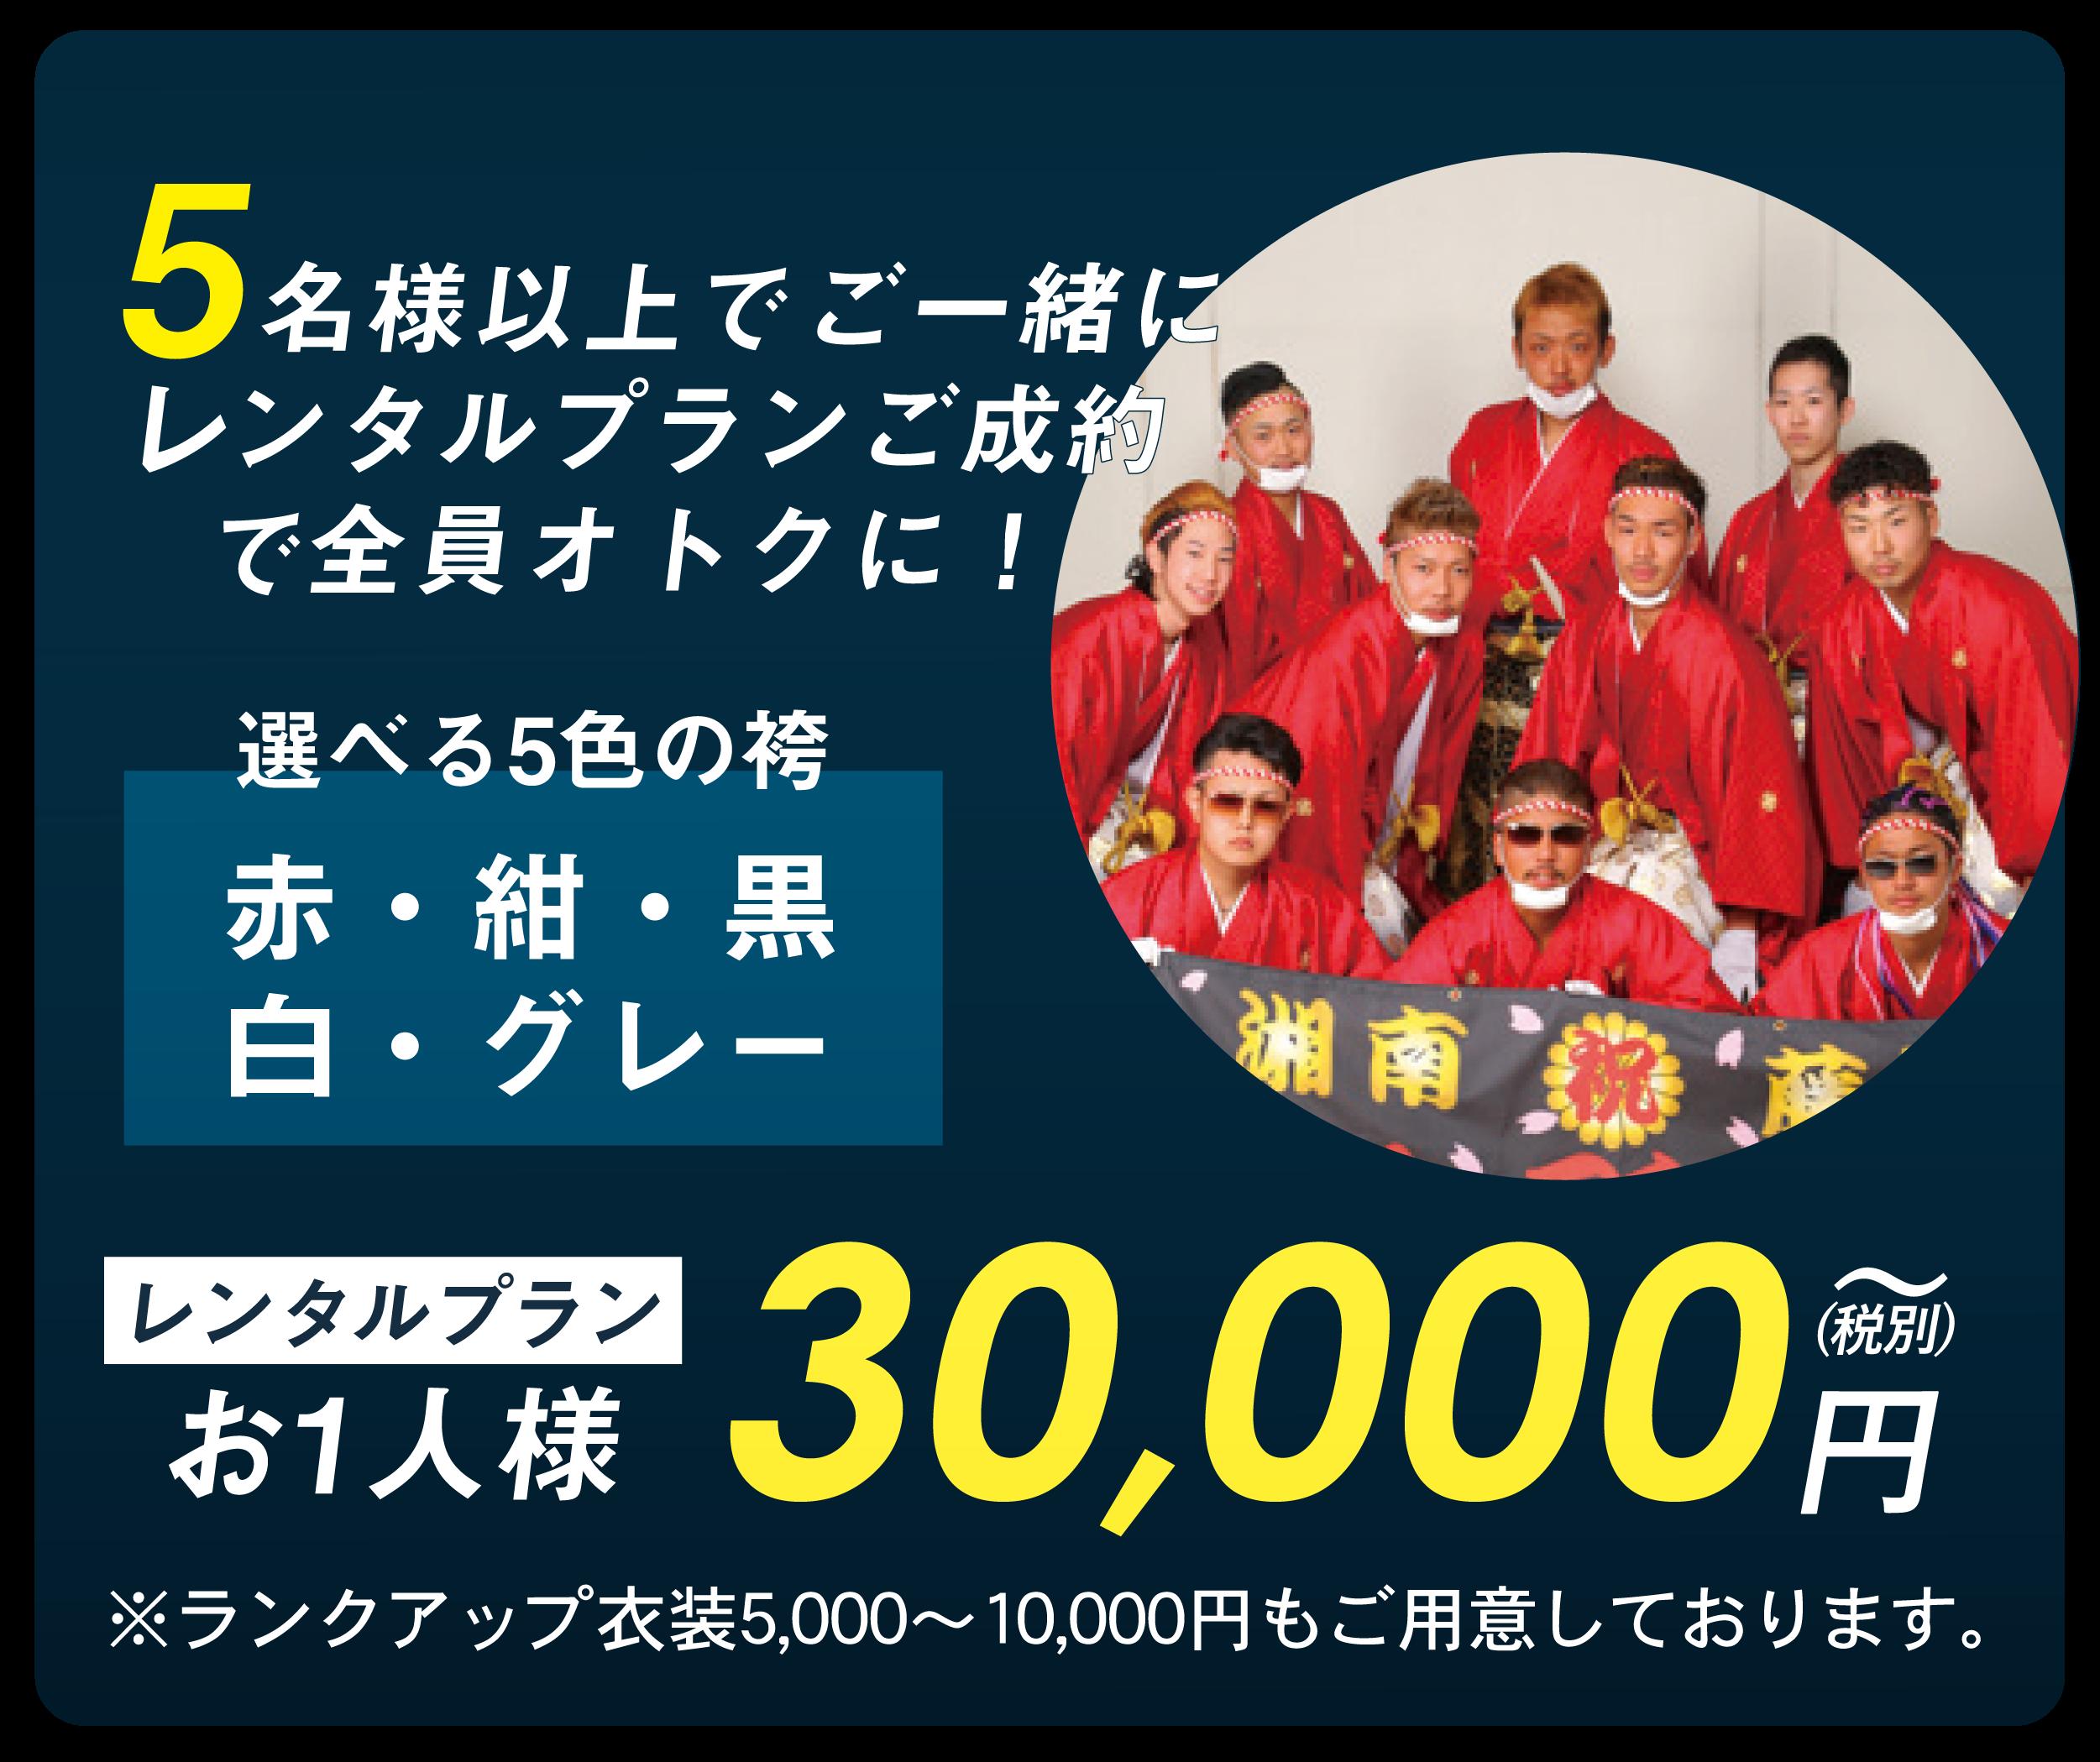 男性袴キャンペーン情報12月末まで_レンジャー割